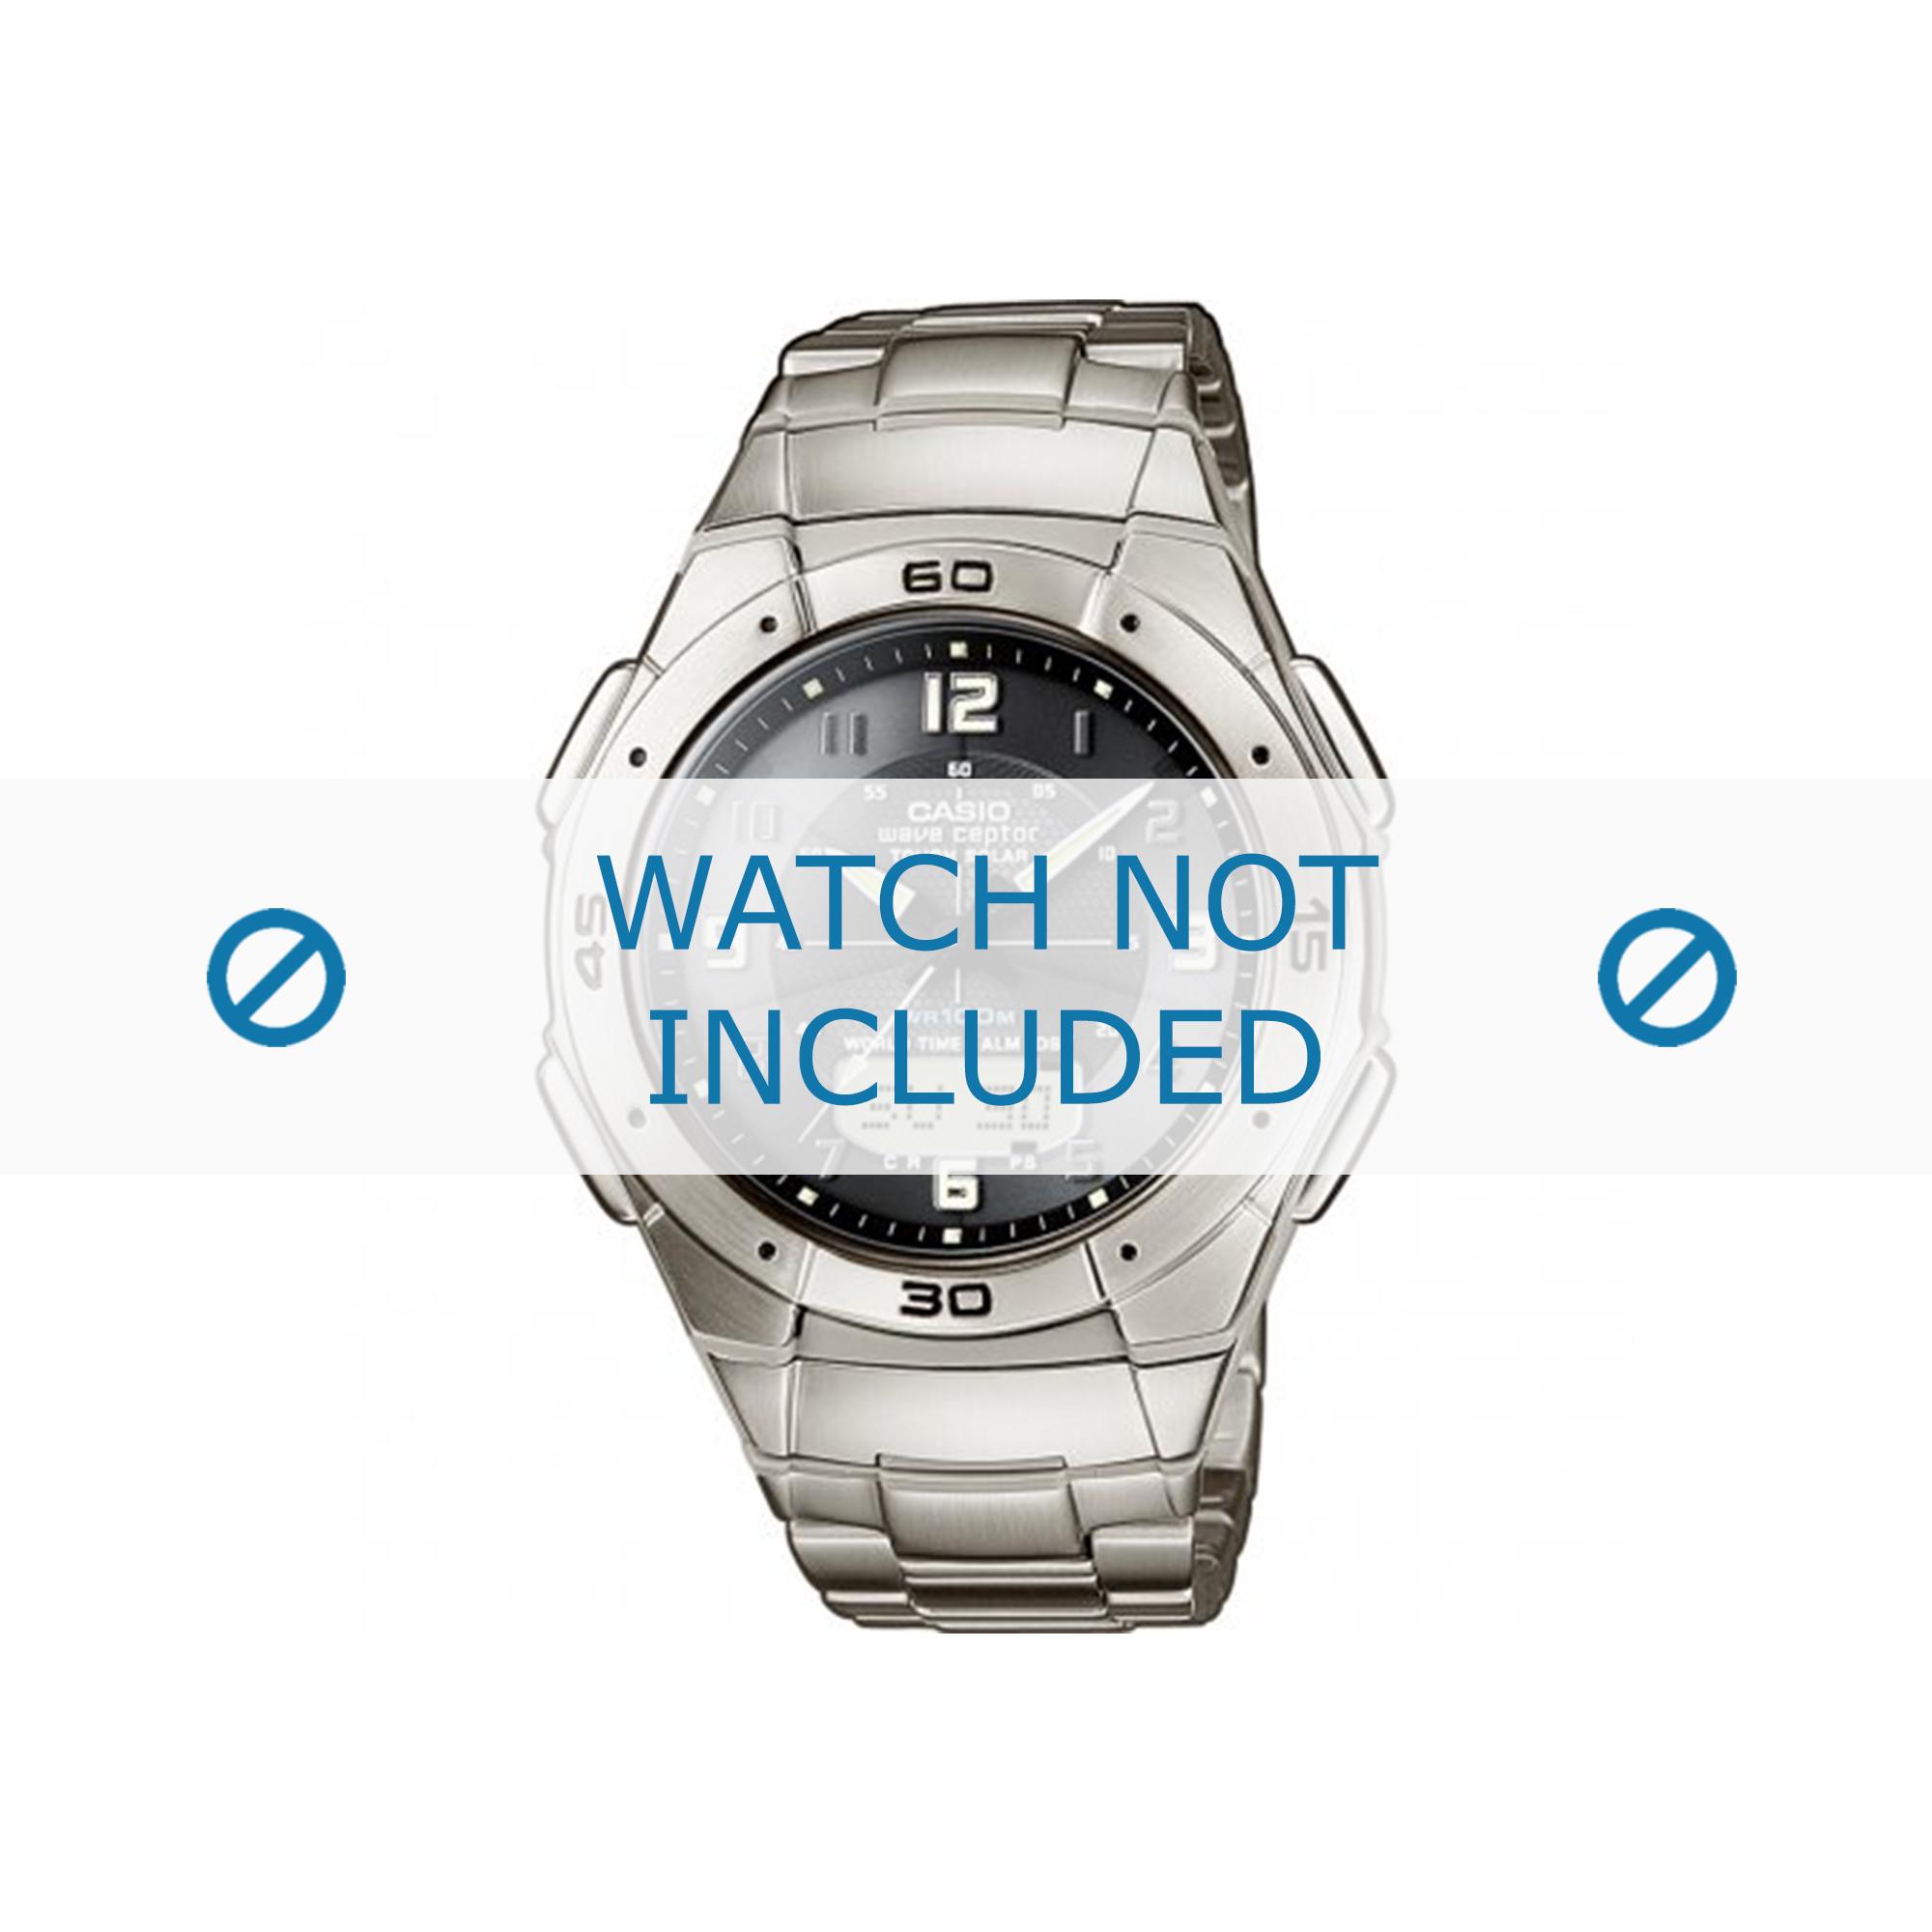 Casio klockarmband 5053 WVA-470 / 10299497 Metall Ilverfärgad